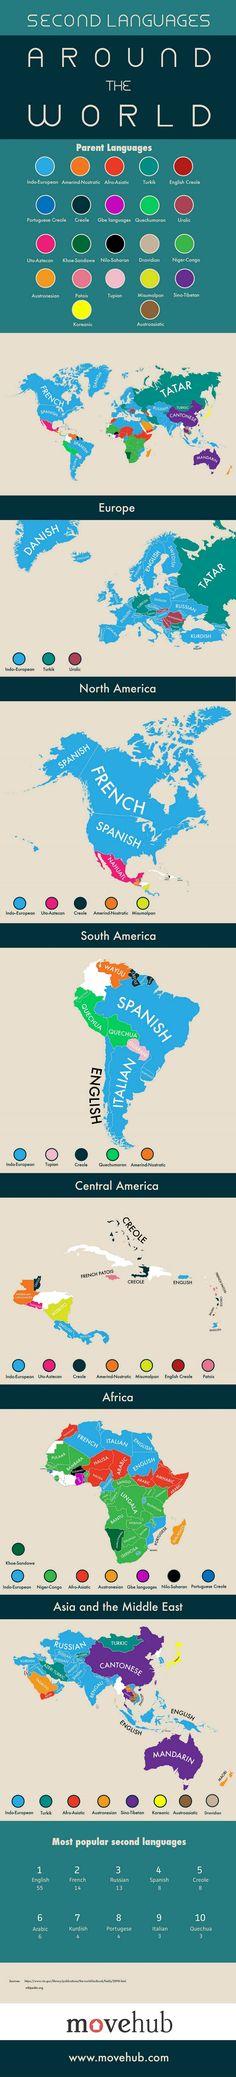 Uma amiga me mandou esse infográfico e eu acabei me esquecendo de colocar aqui. Bem legal, pois mostra quais são as segundas línguas mais faladas ao redor do mundo. PS: não consigo confirmarse as ...